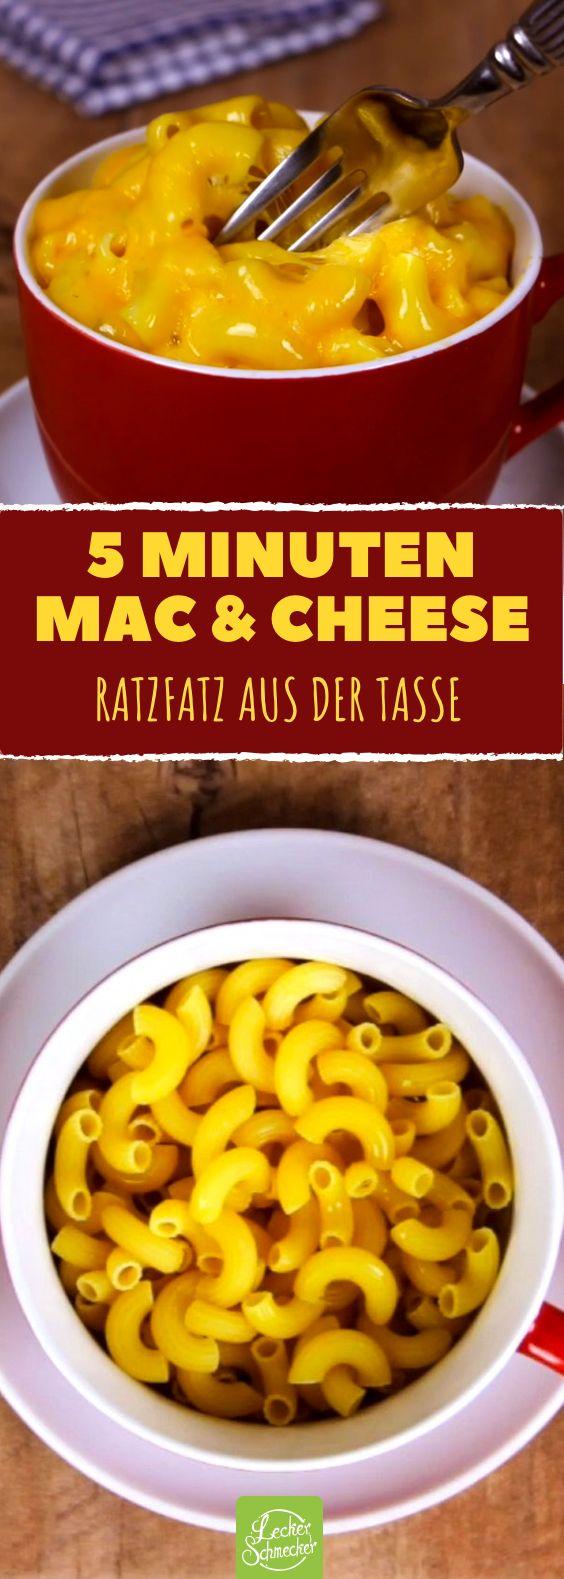 Mac and cheese pasta als super schnelles tassen rezept aus - Reis kochen mikrowelle ...